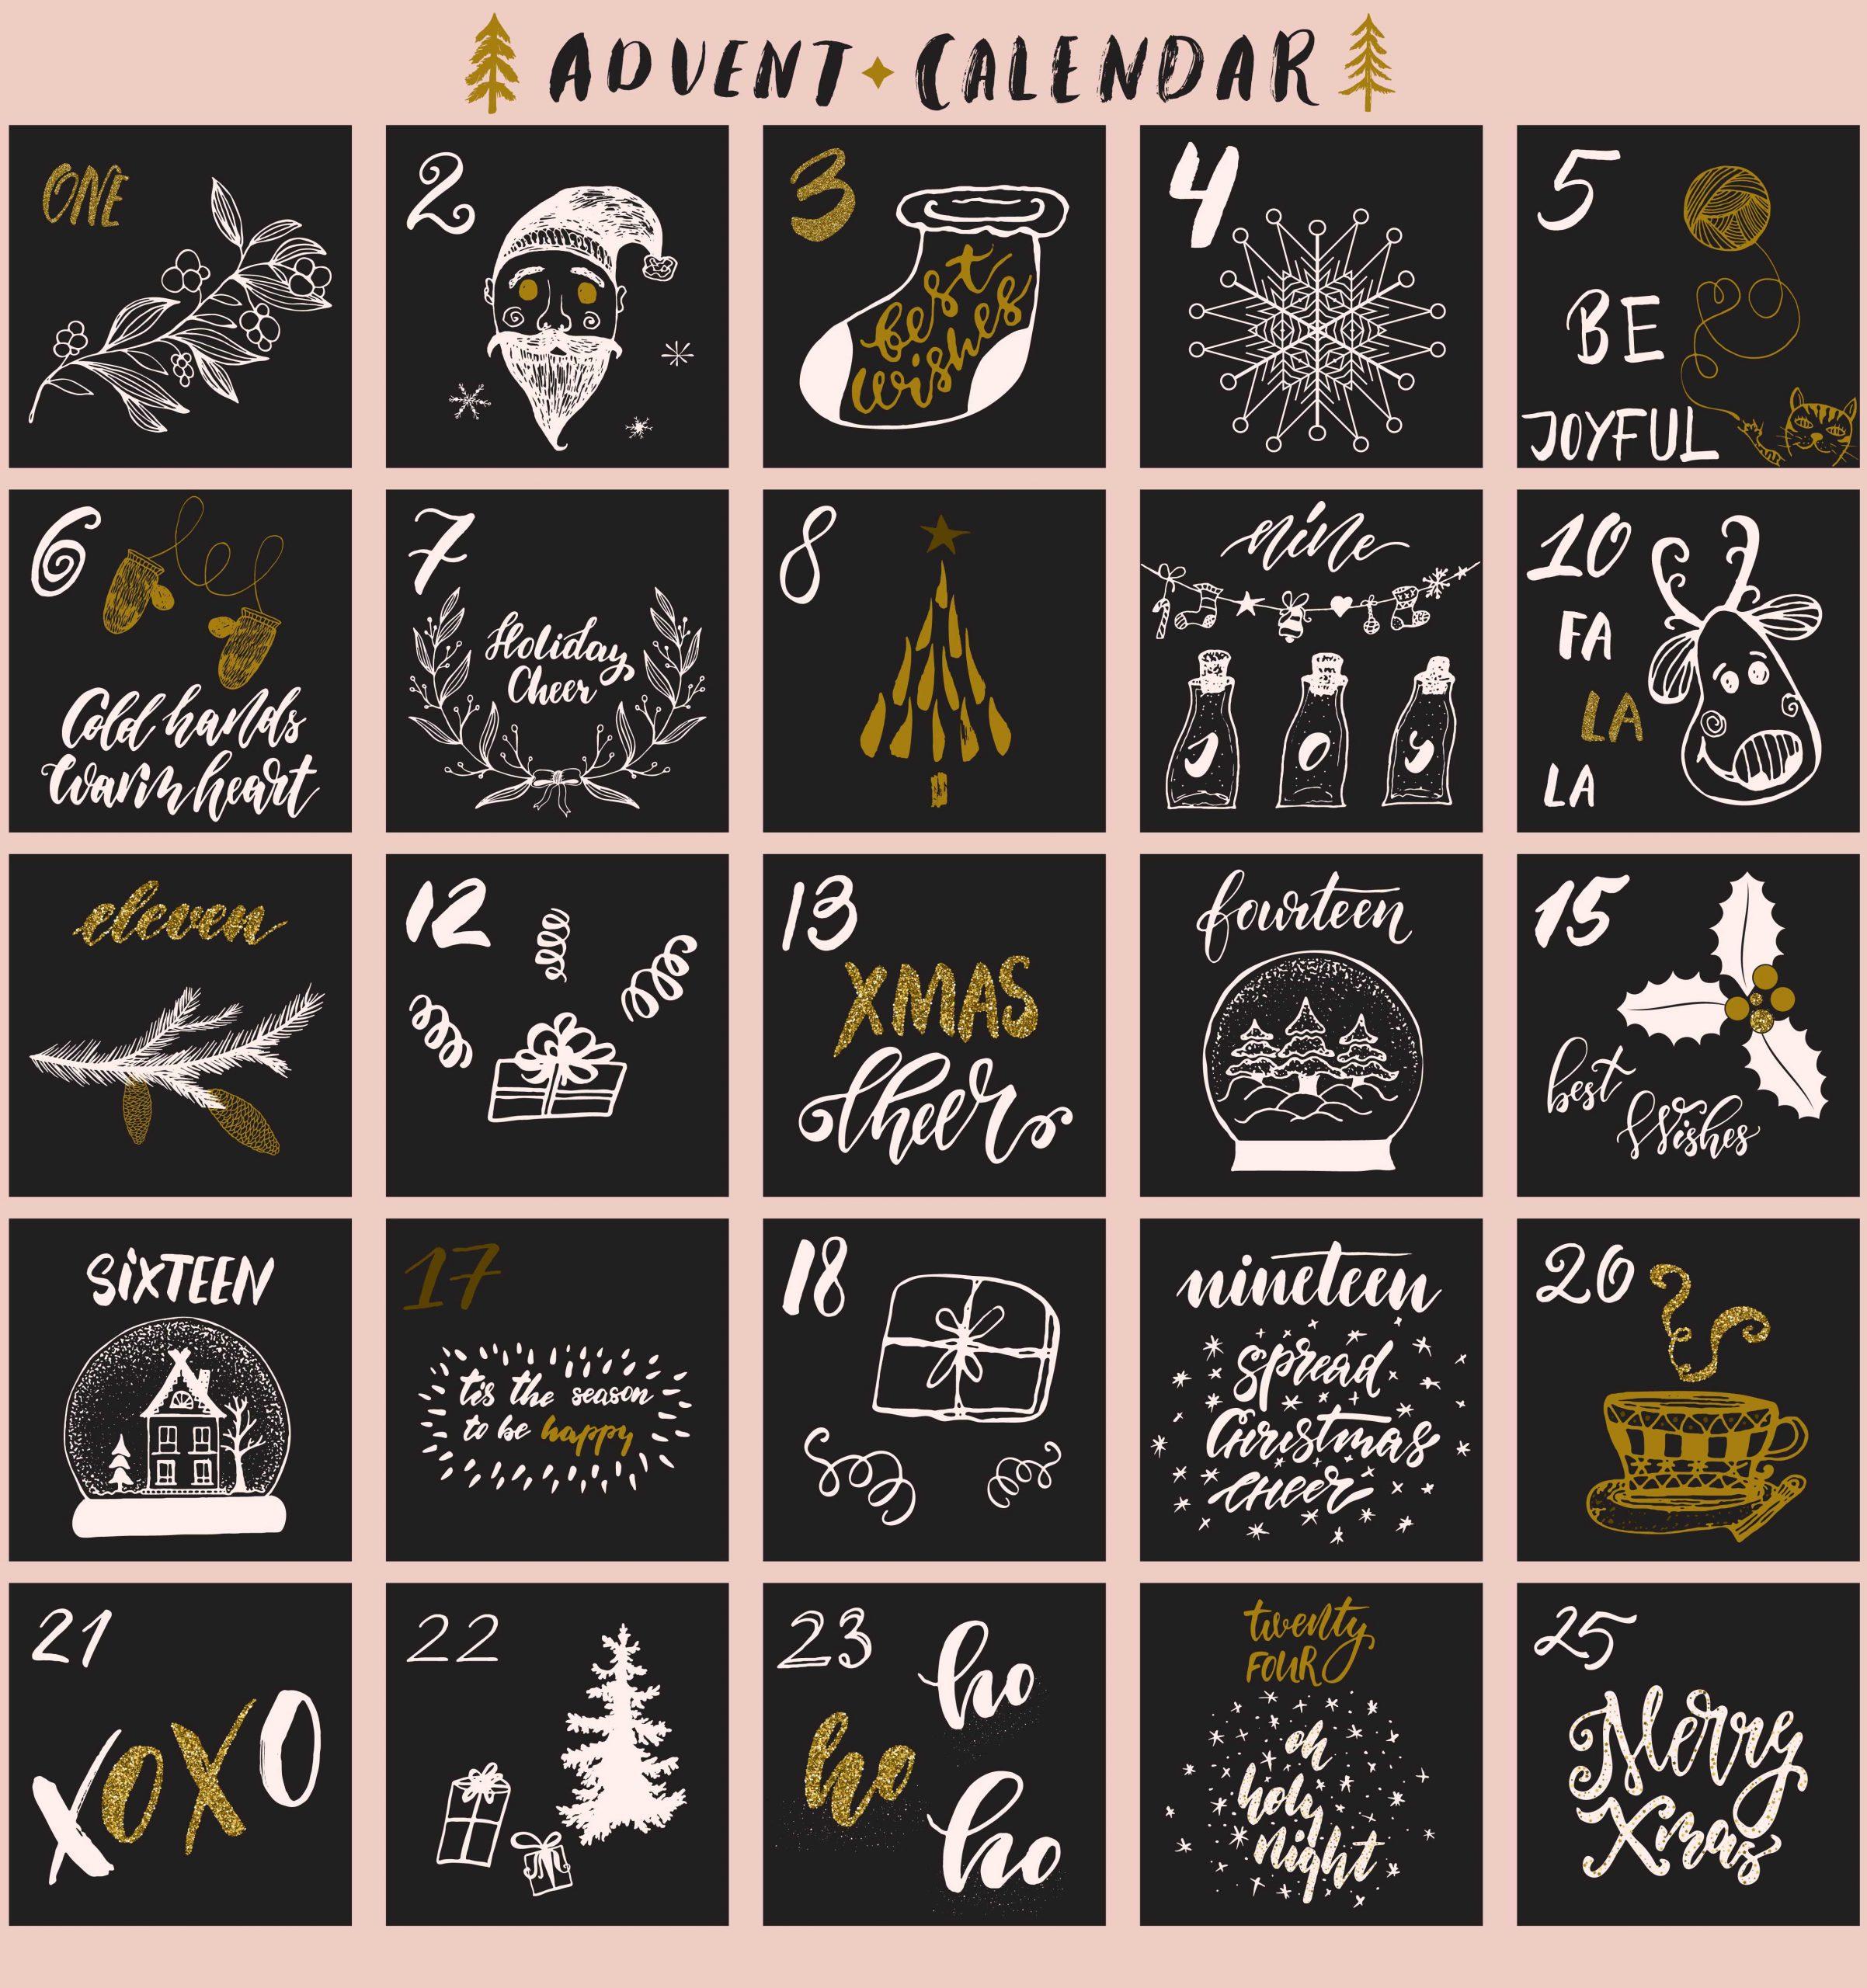 25 Türchen Online Adventskalender für Webseite